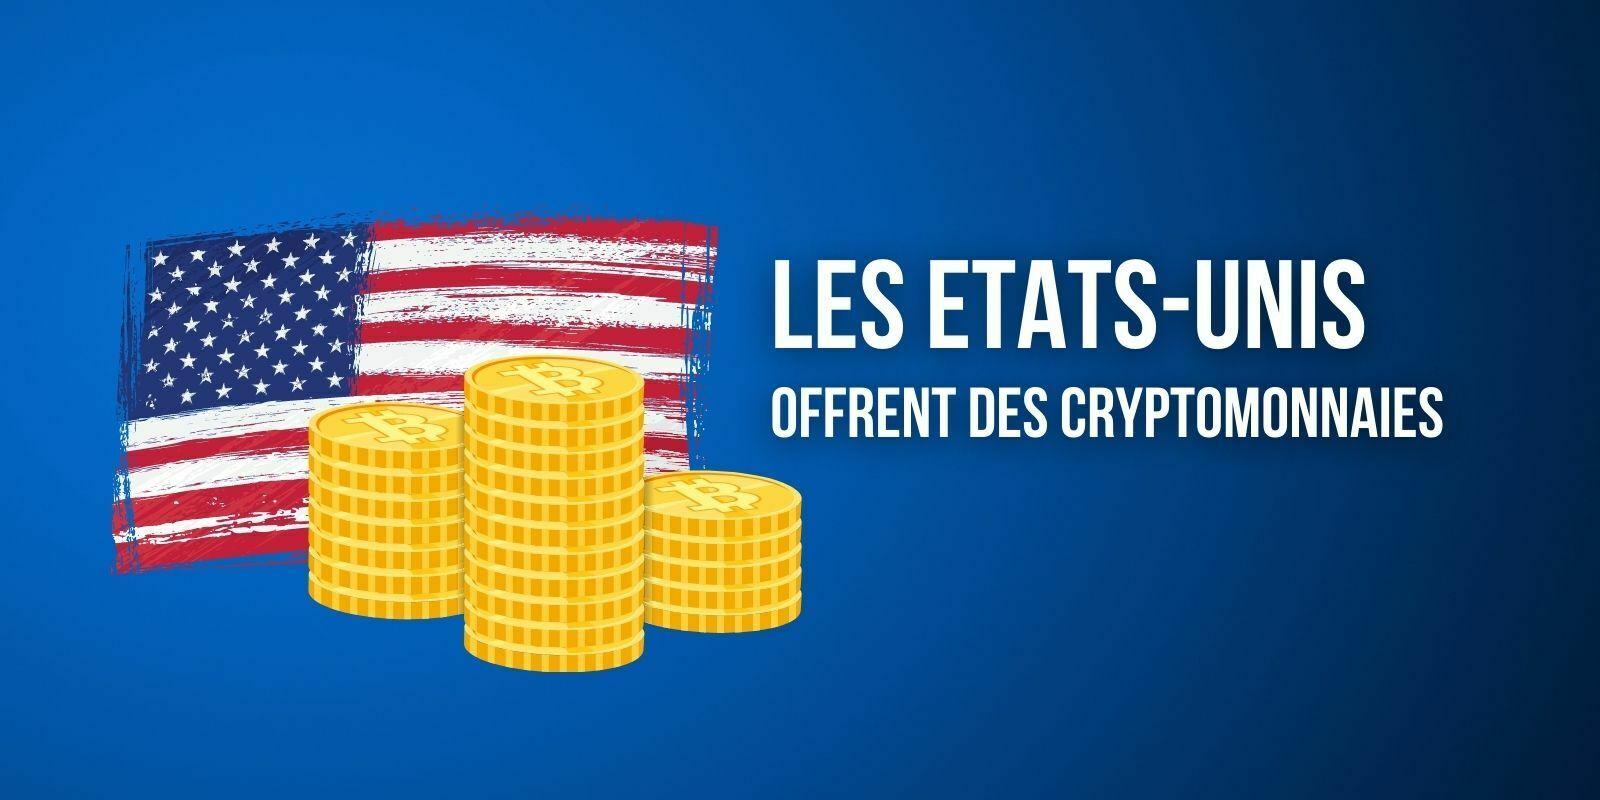 Les États-Unis offrent une prime en cryptomonnaies en échange d'informations sur des pirates